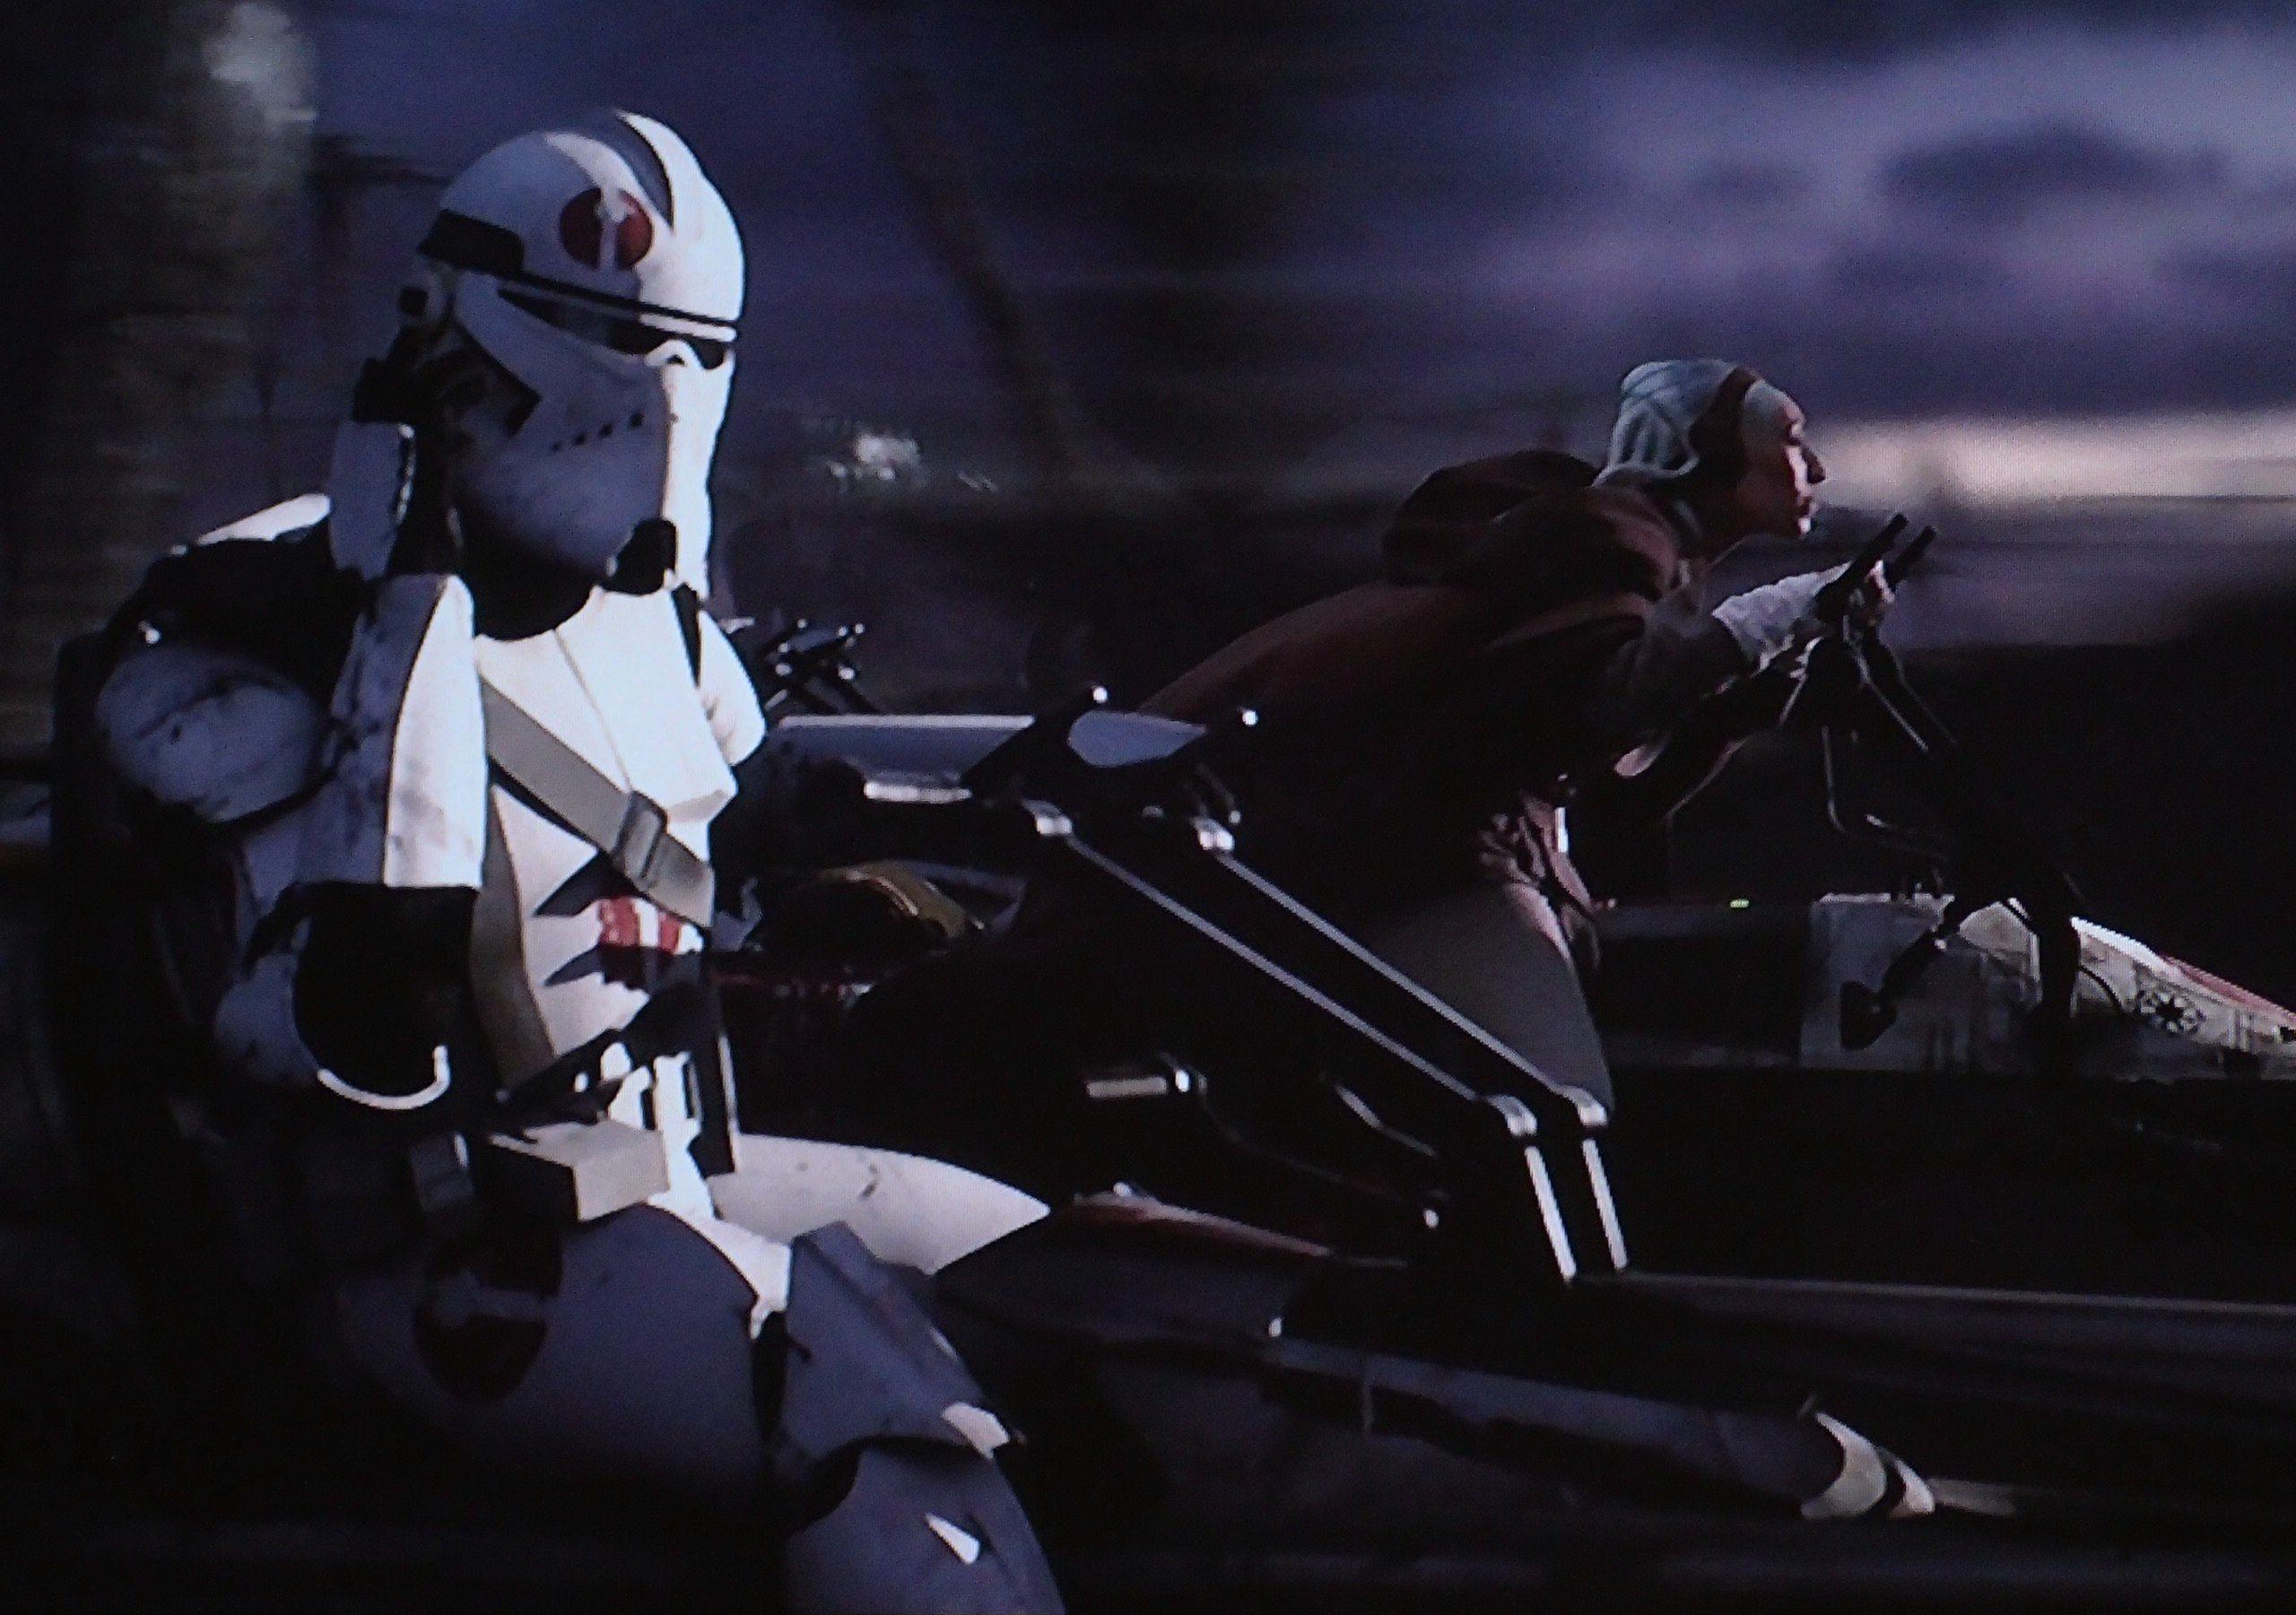 Star Wars Space Ship Wallpaper » WallDevil – Best free HD desktop .